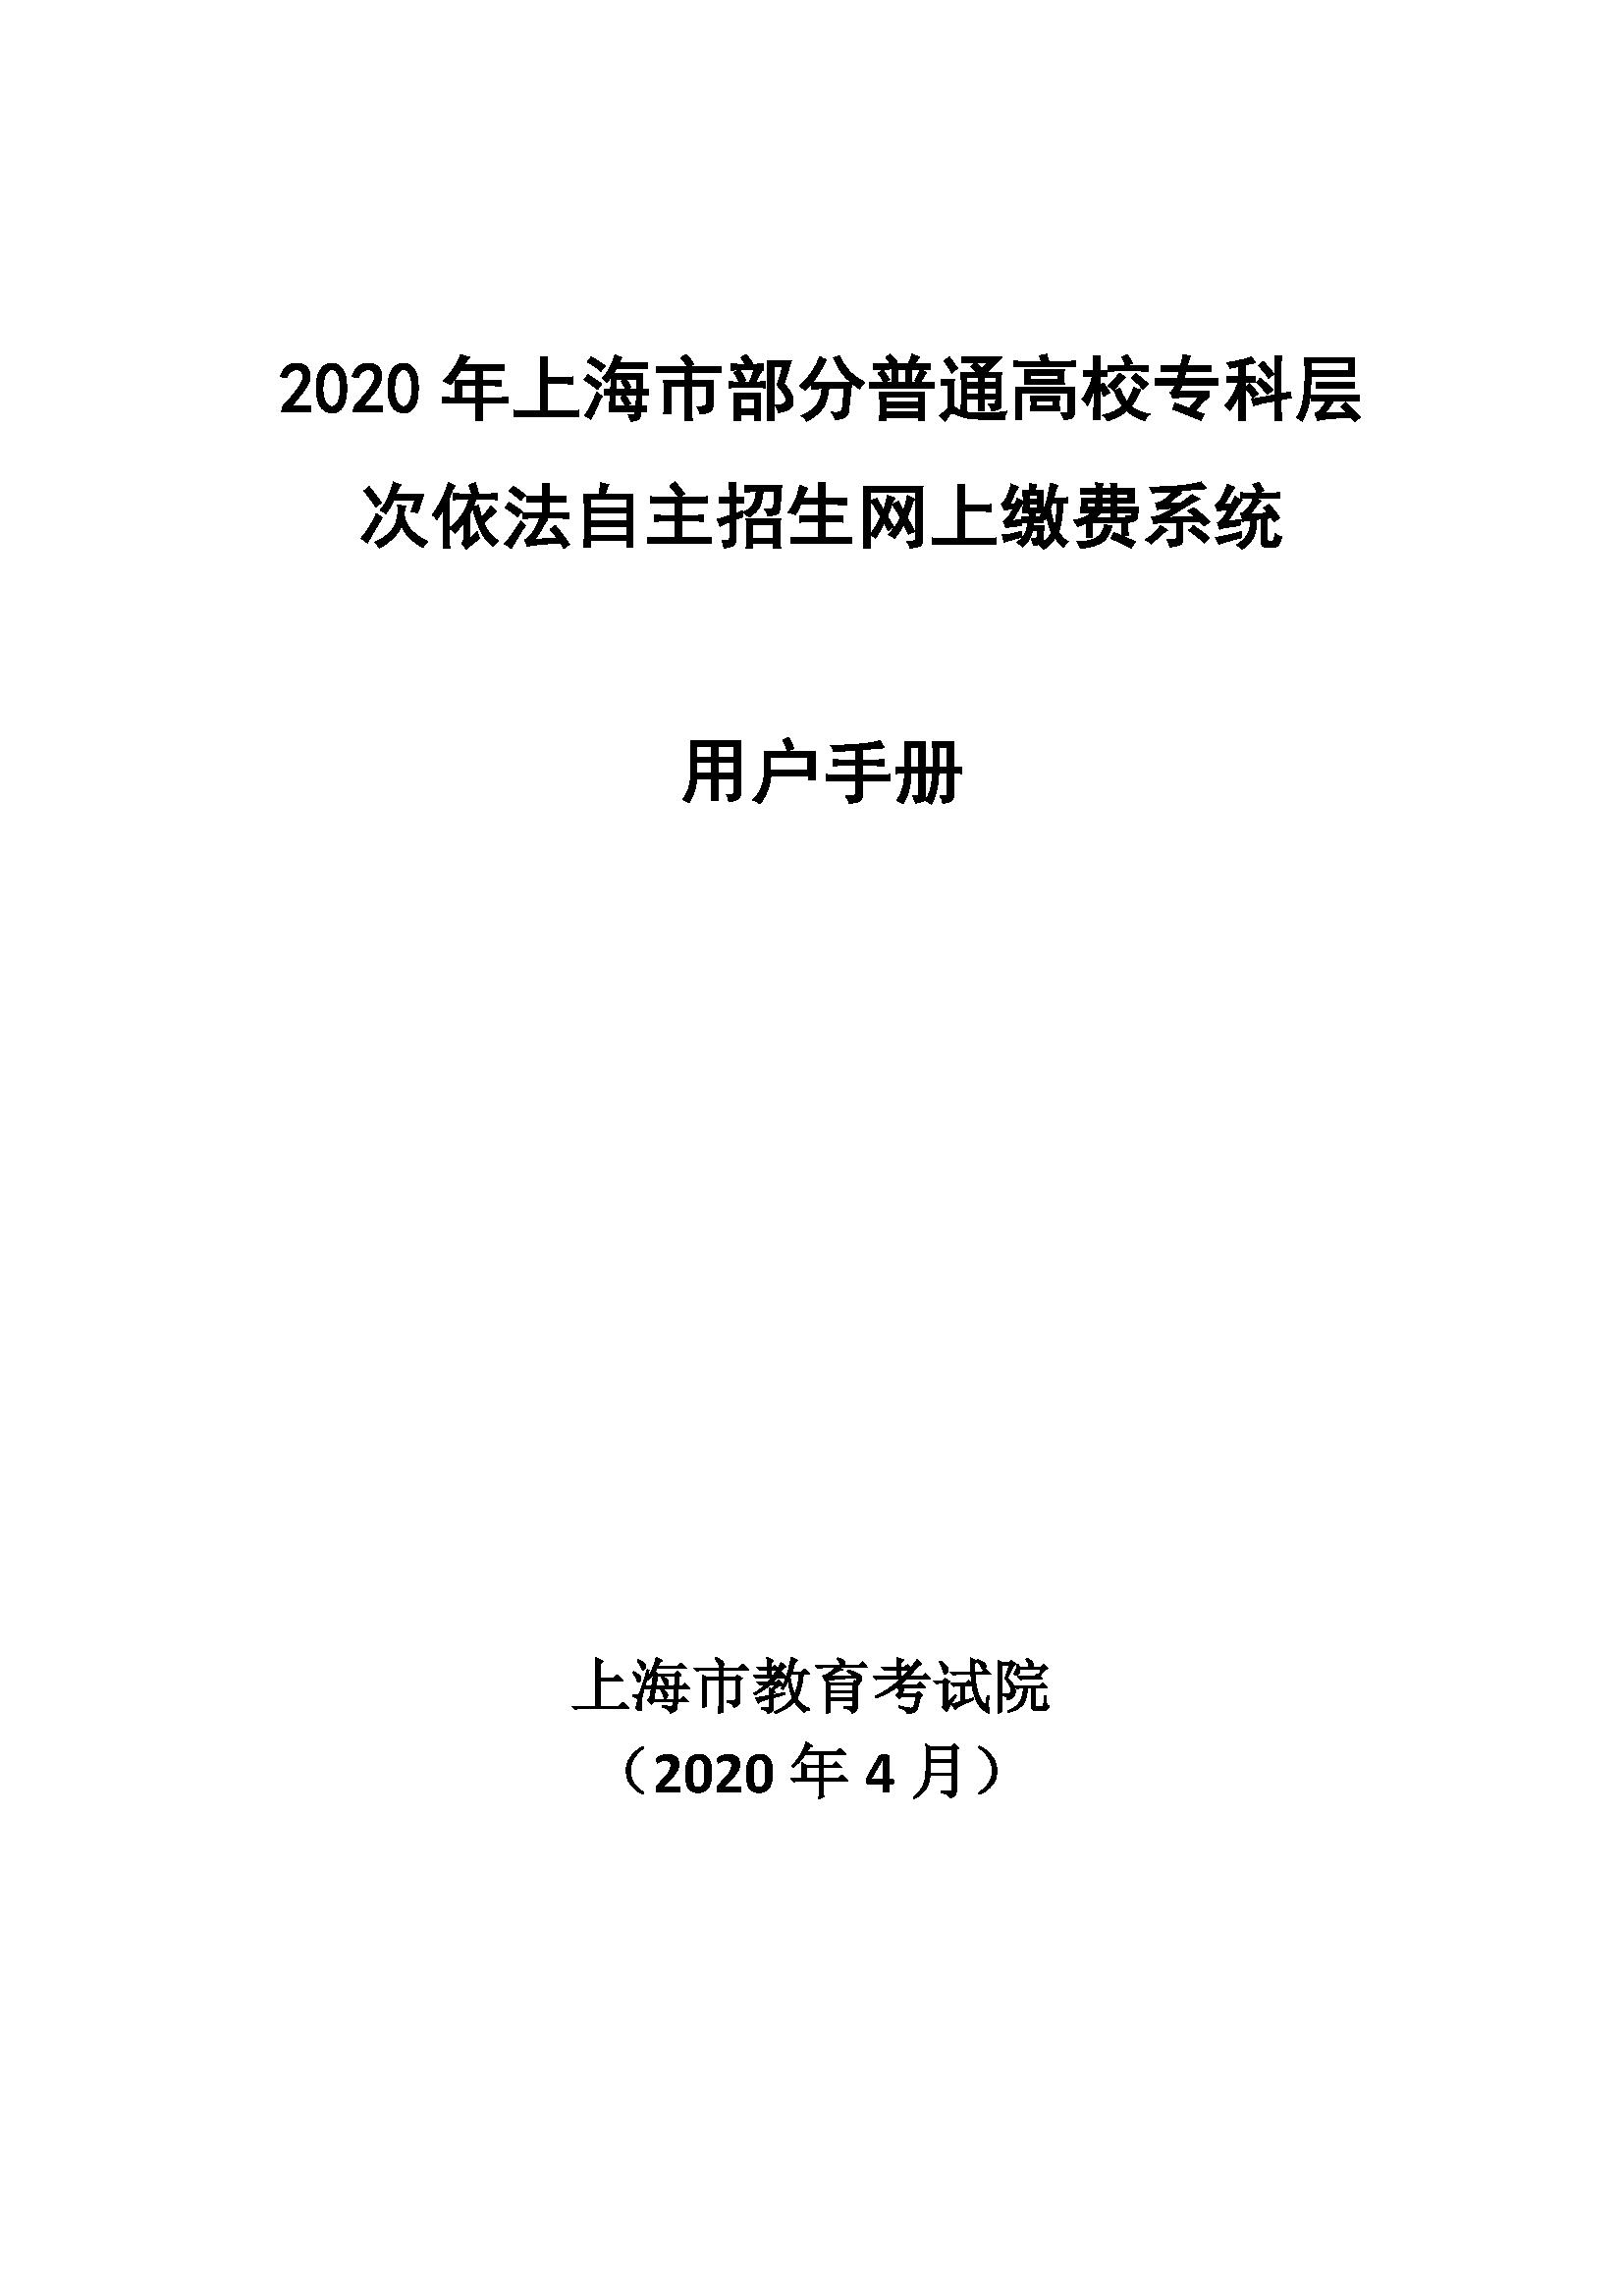 2020年上海市部分普通高校专科层次依法自主招生网上缴费操作指南_页面_01.png